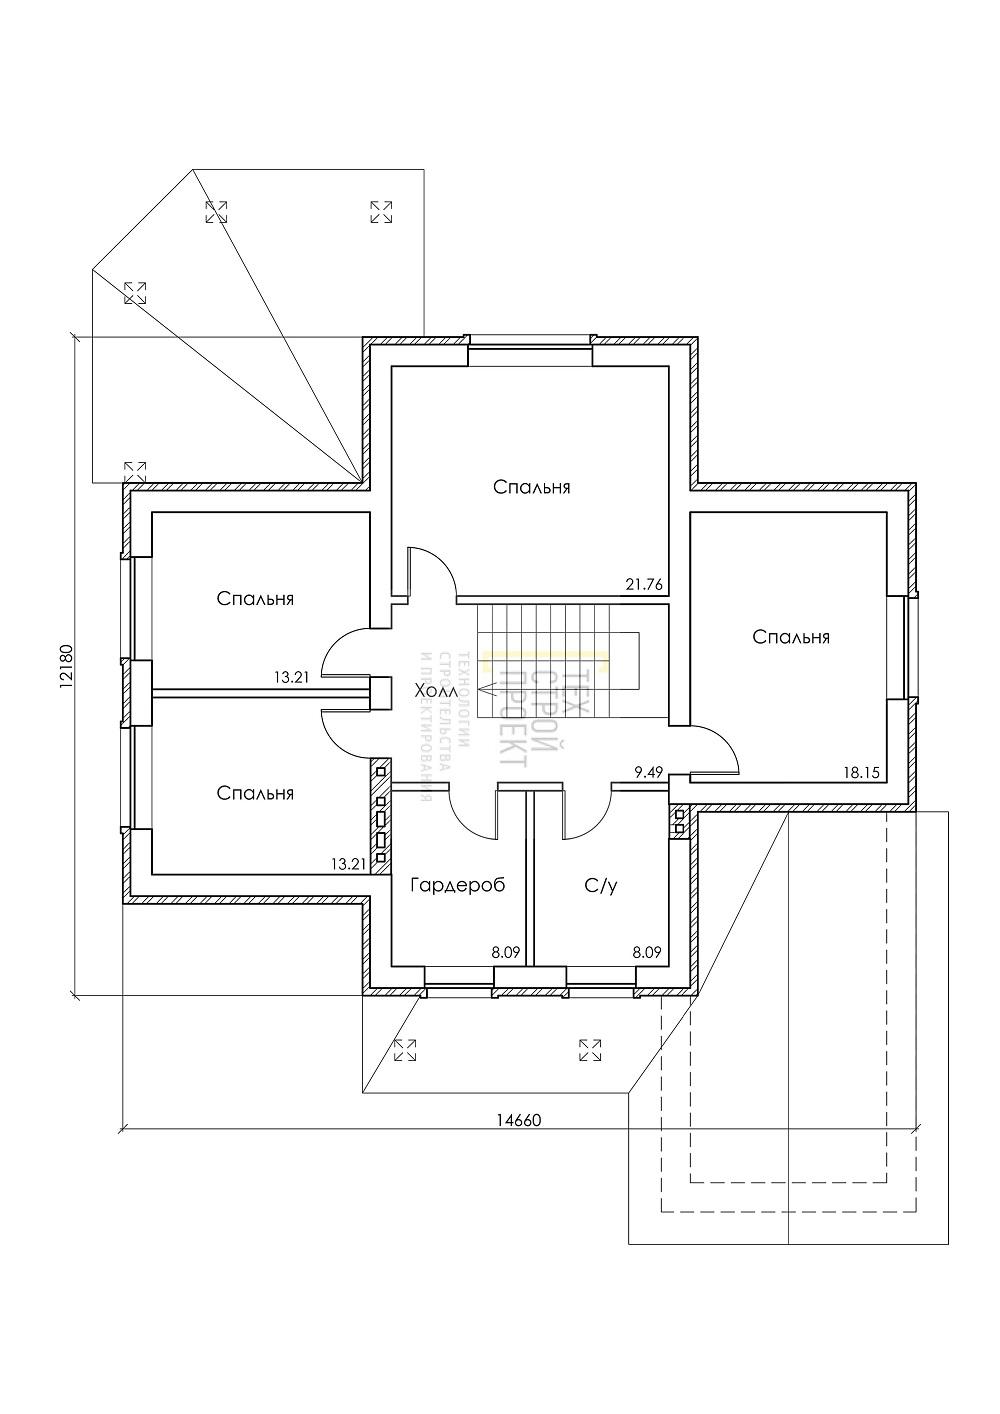 Двухэтажный дом для загородного проживания план